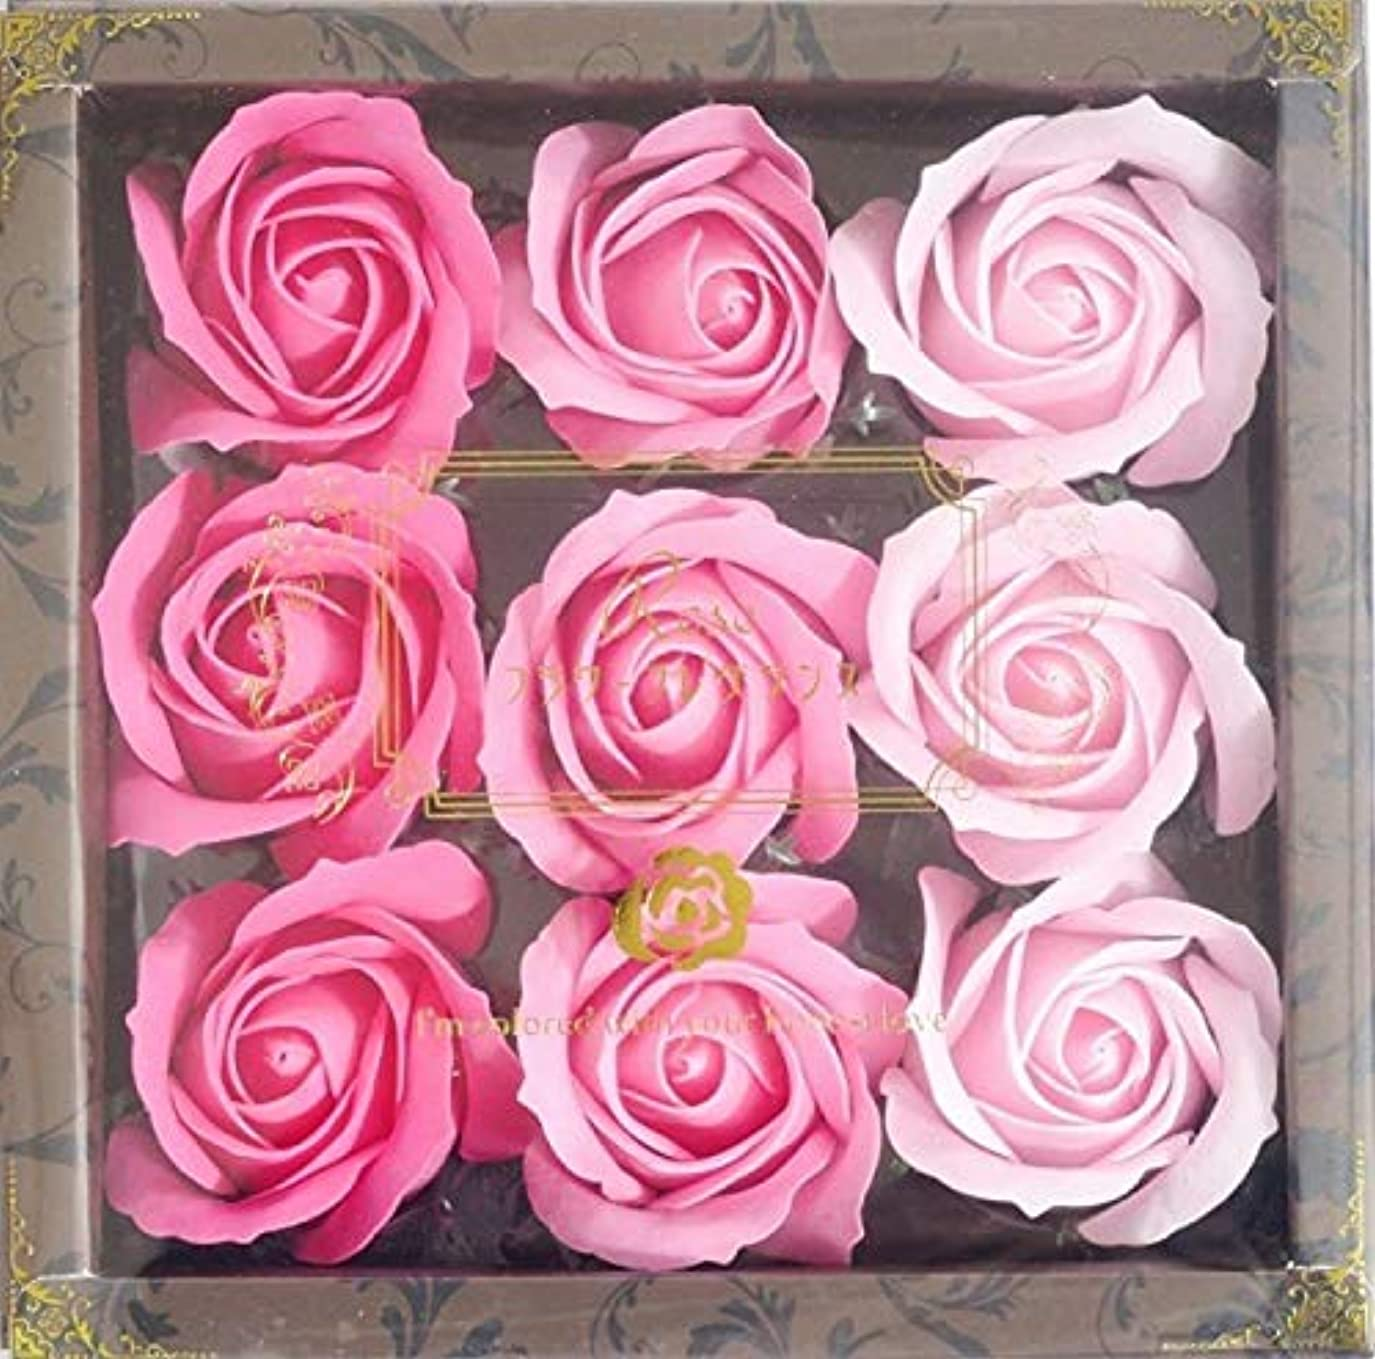 大邸宅好みかわすバスフレグランス バスフラワー ローズフレグランス ピンクカラー お花の形の入浴剤 プレゼント ばら ギフト